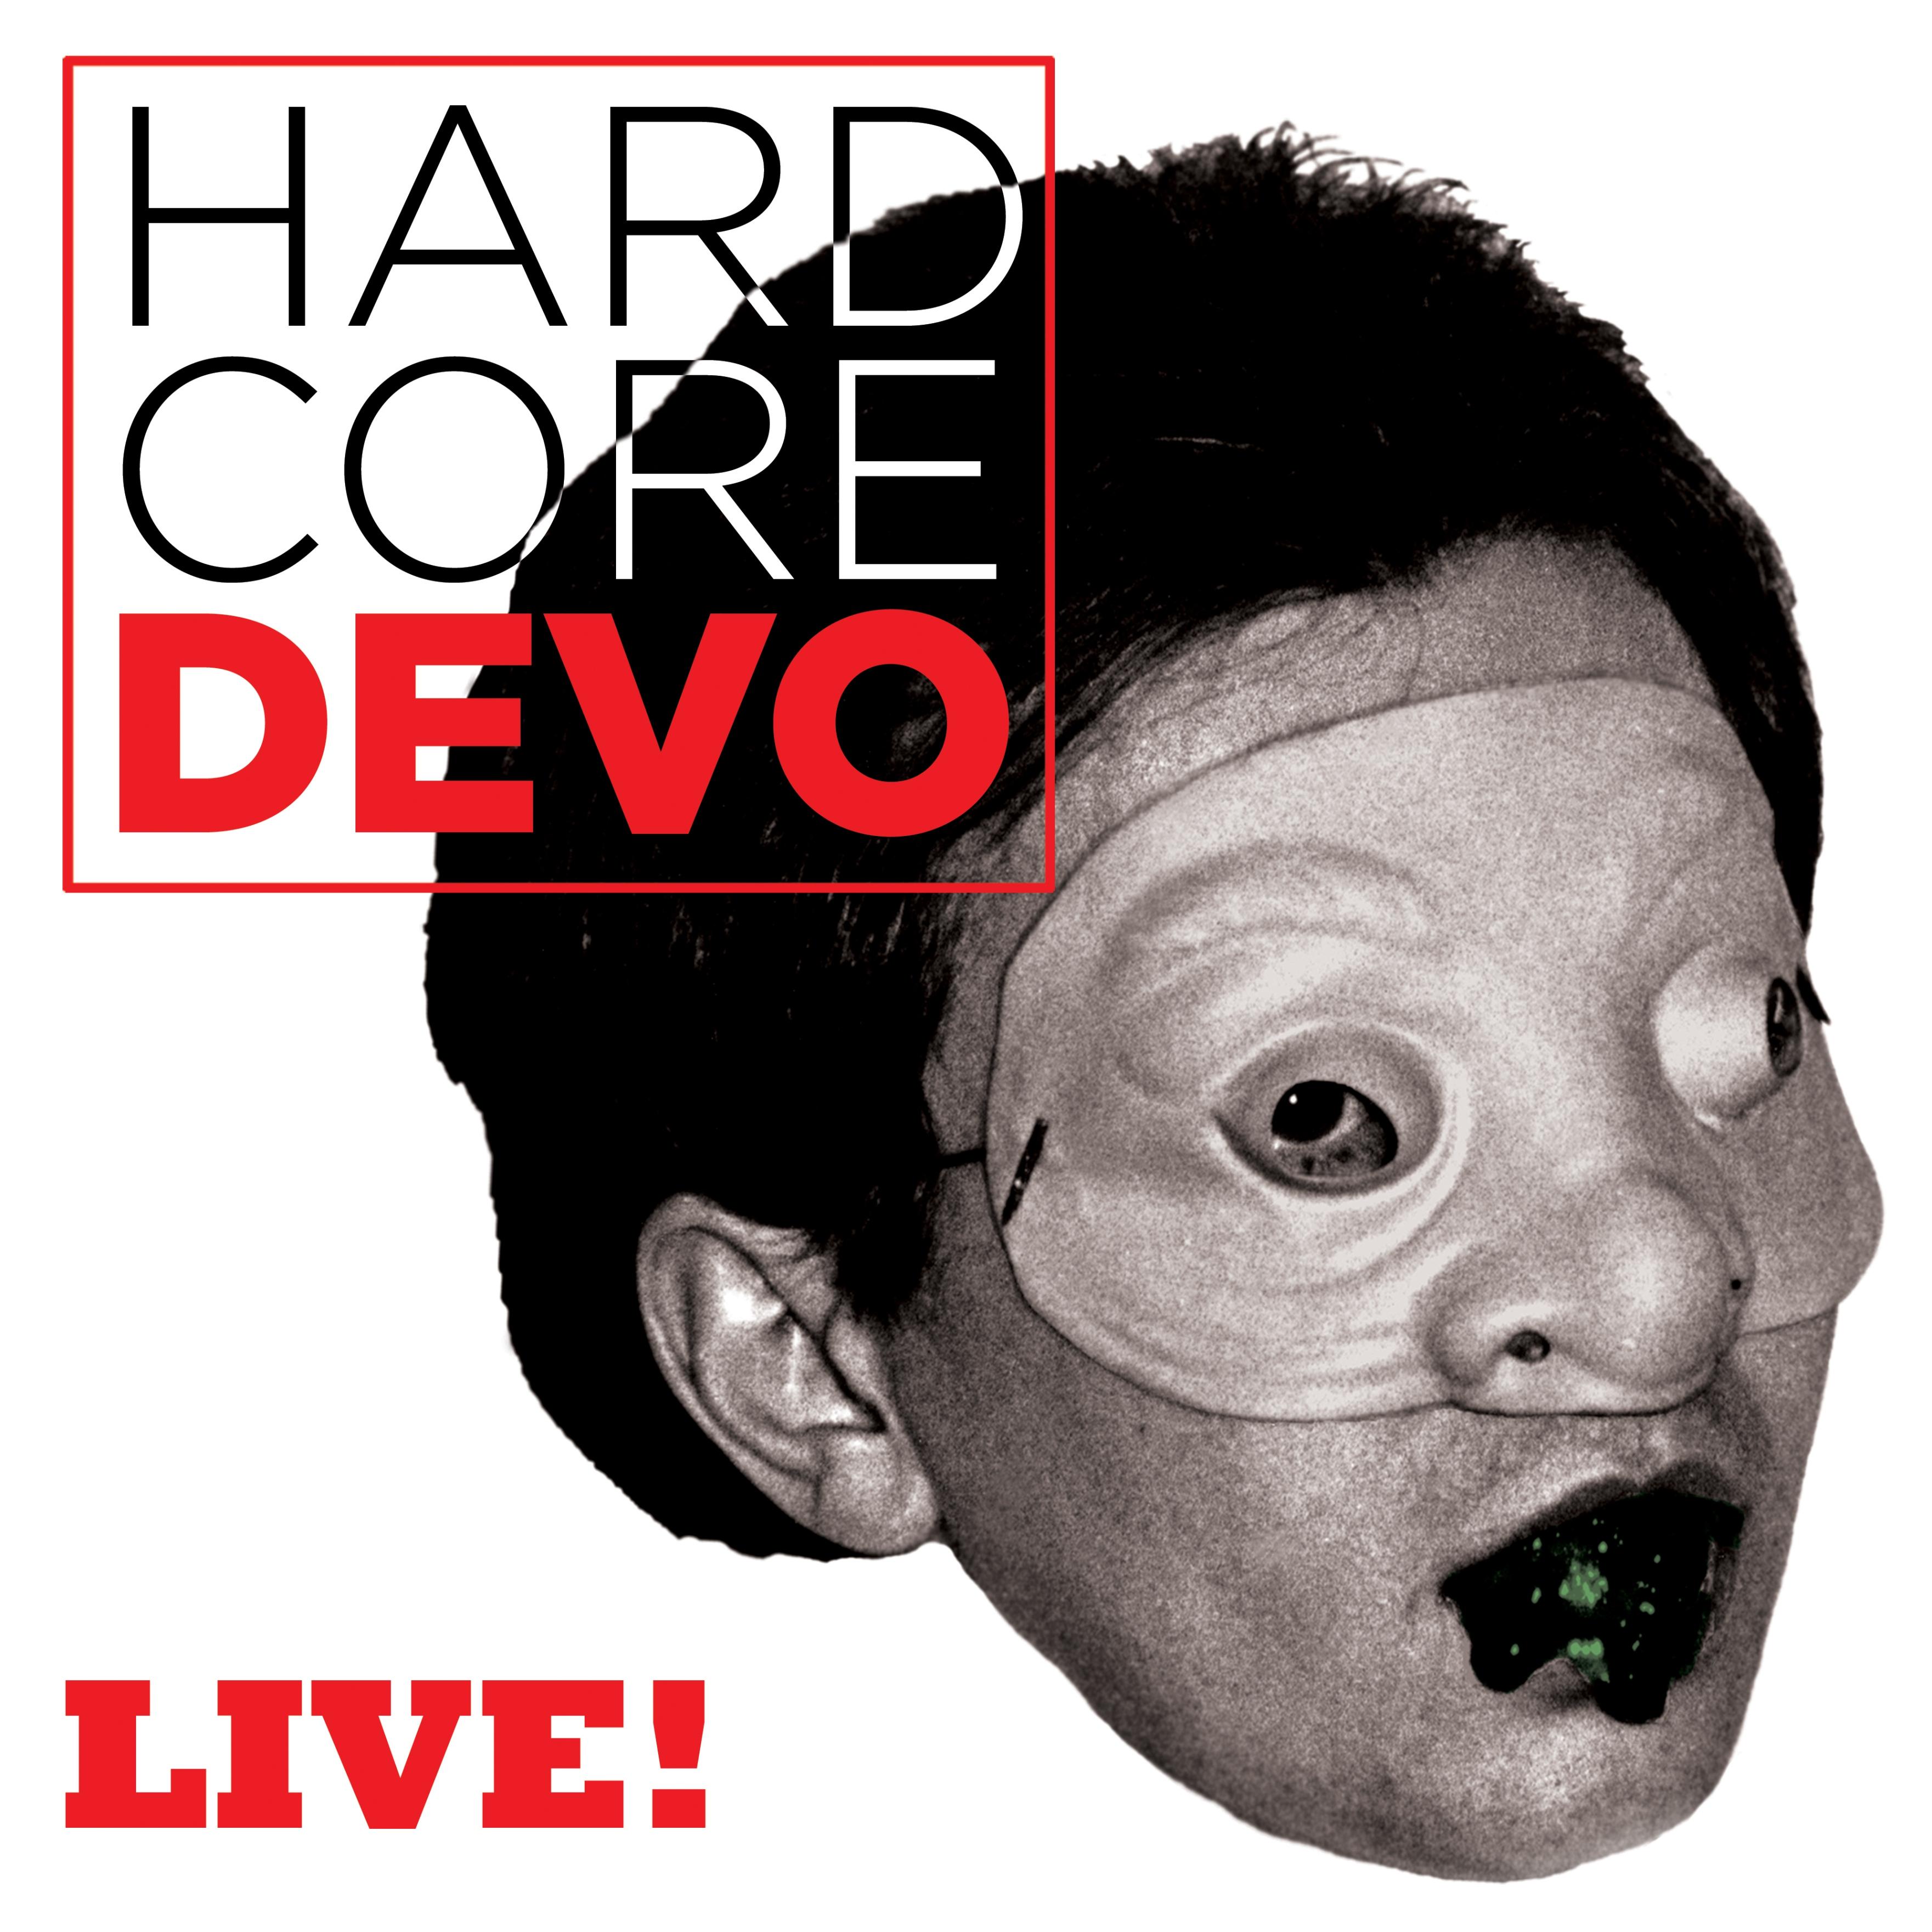 Devo - Hardcore Live! (Vinyl)-0